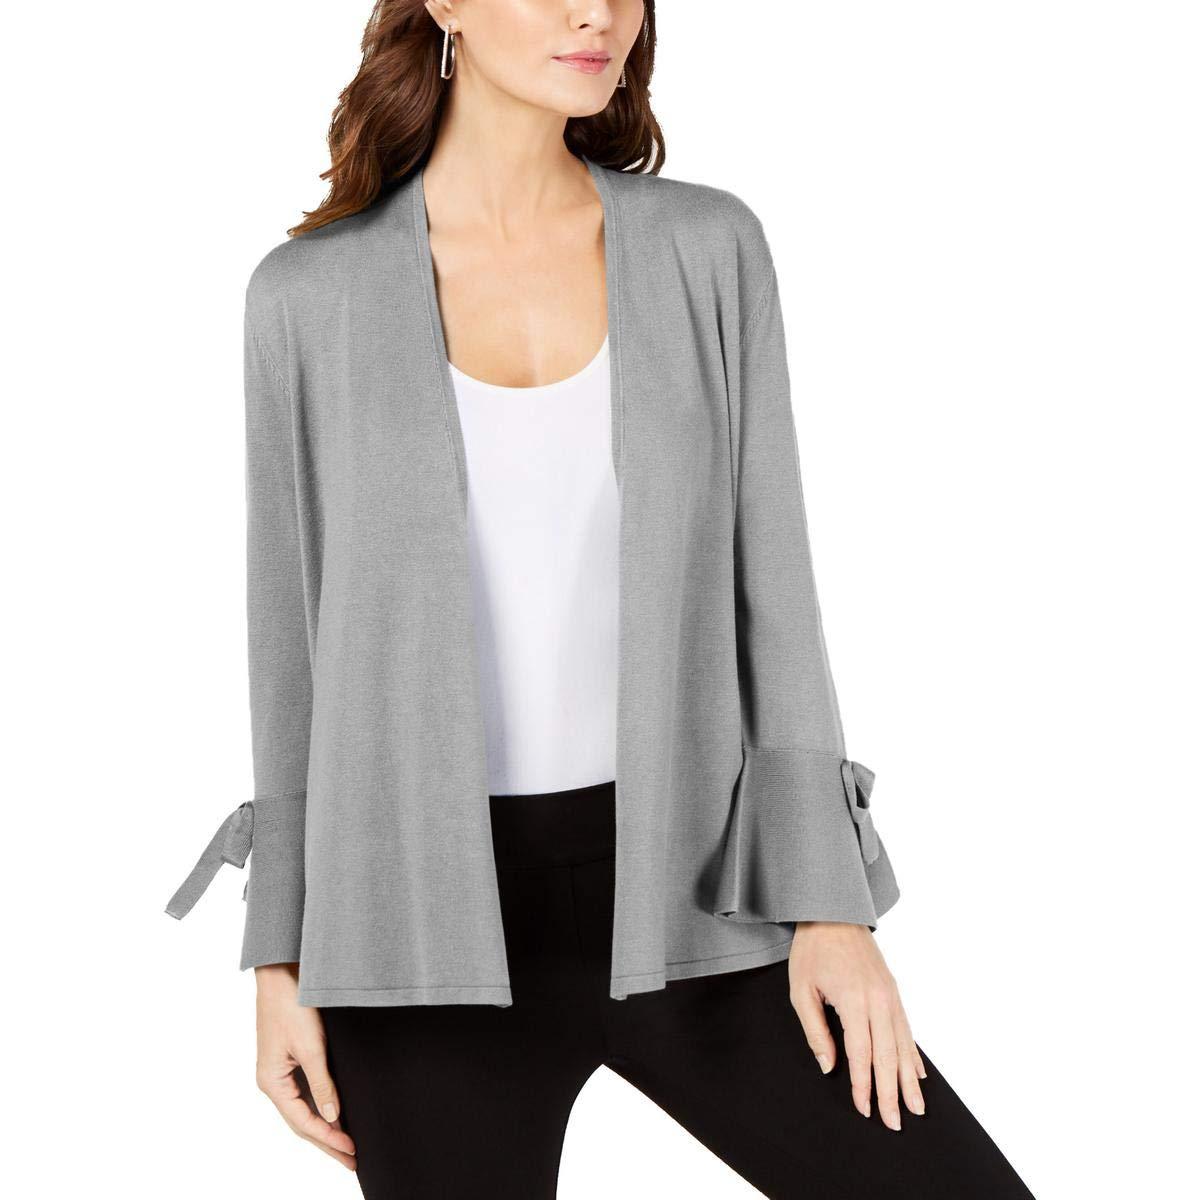 Alfani Womens Tie Sleeves Open Front Cardigan Top